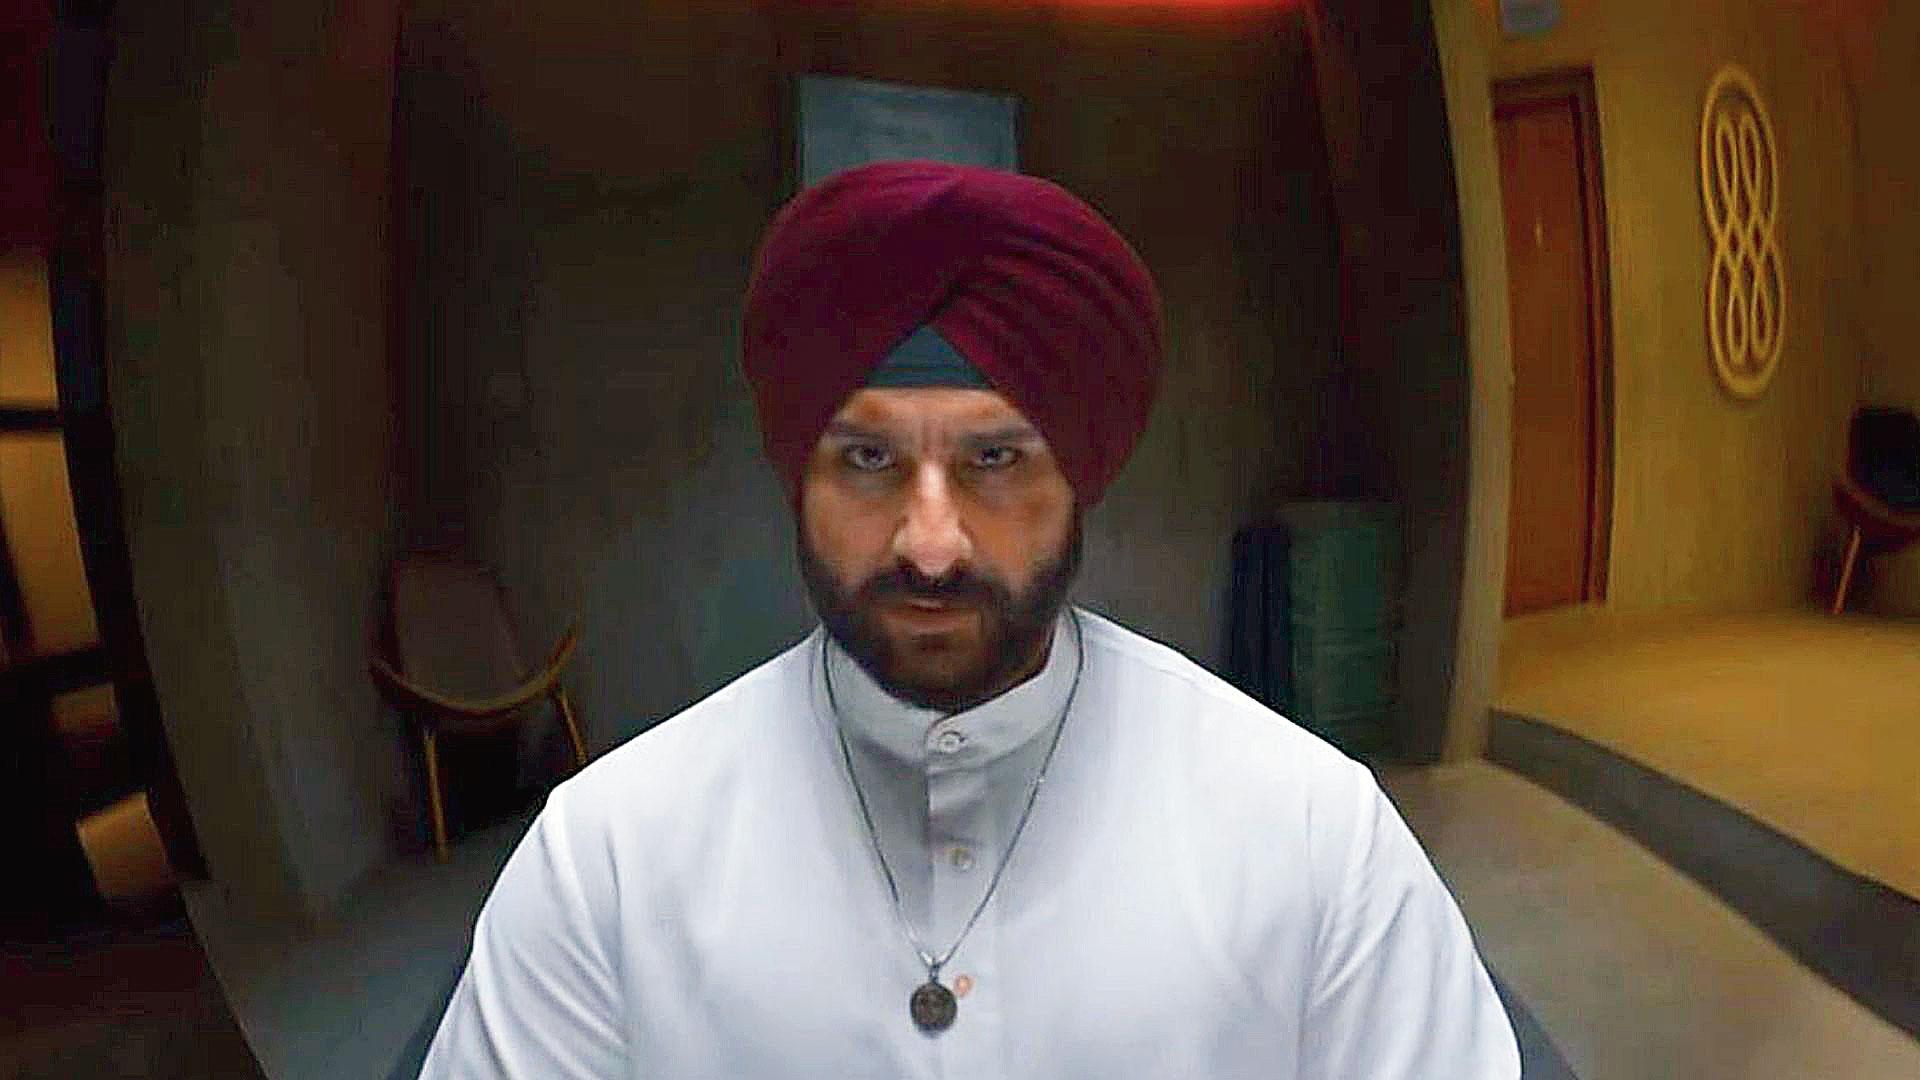 Saif Ali Khan in Sacred Games 2